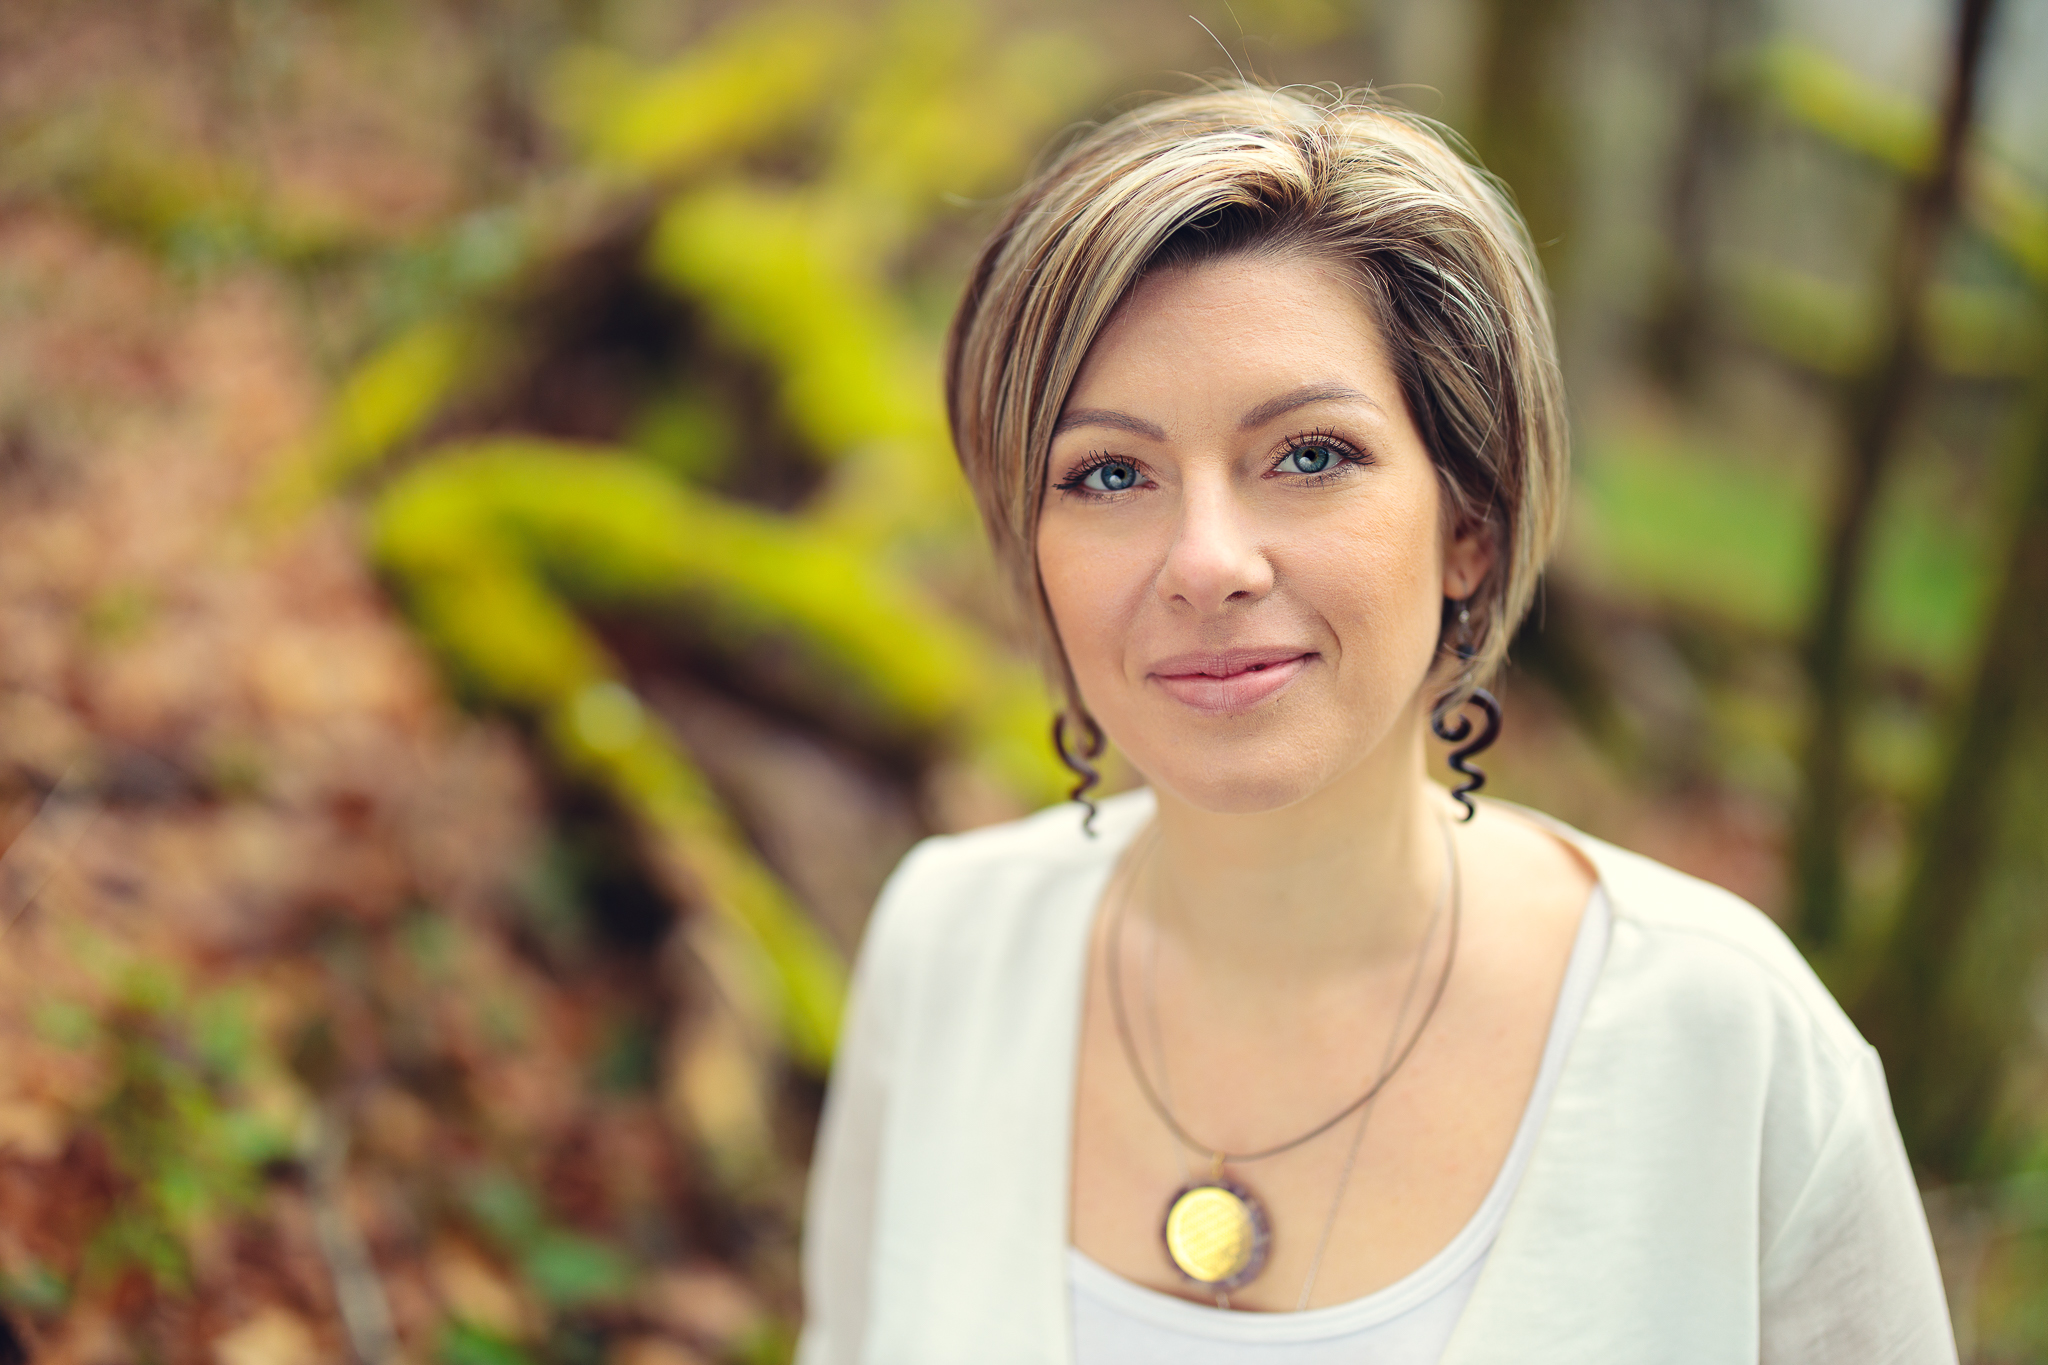 Psychologue psychothérapeute maitre reiki en Bourgogne (Chauffailles, la Clayette, Macon, Roanne). Consultations par skype ou en cabinet